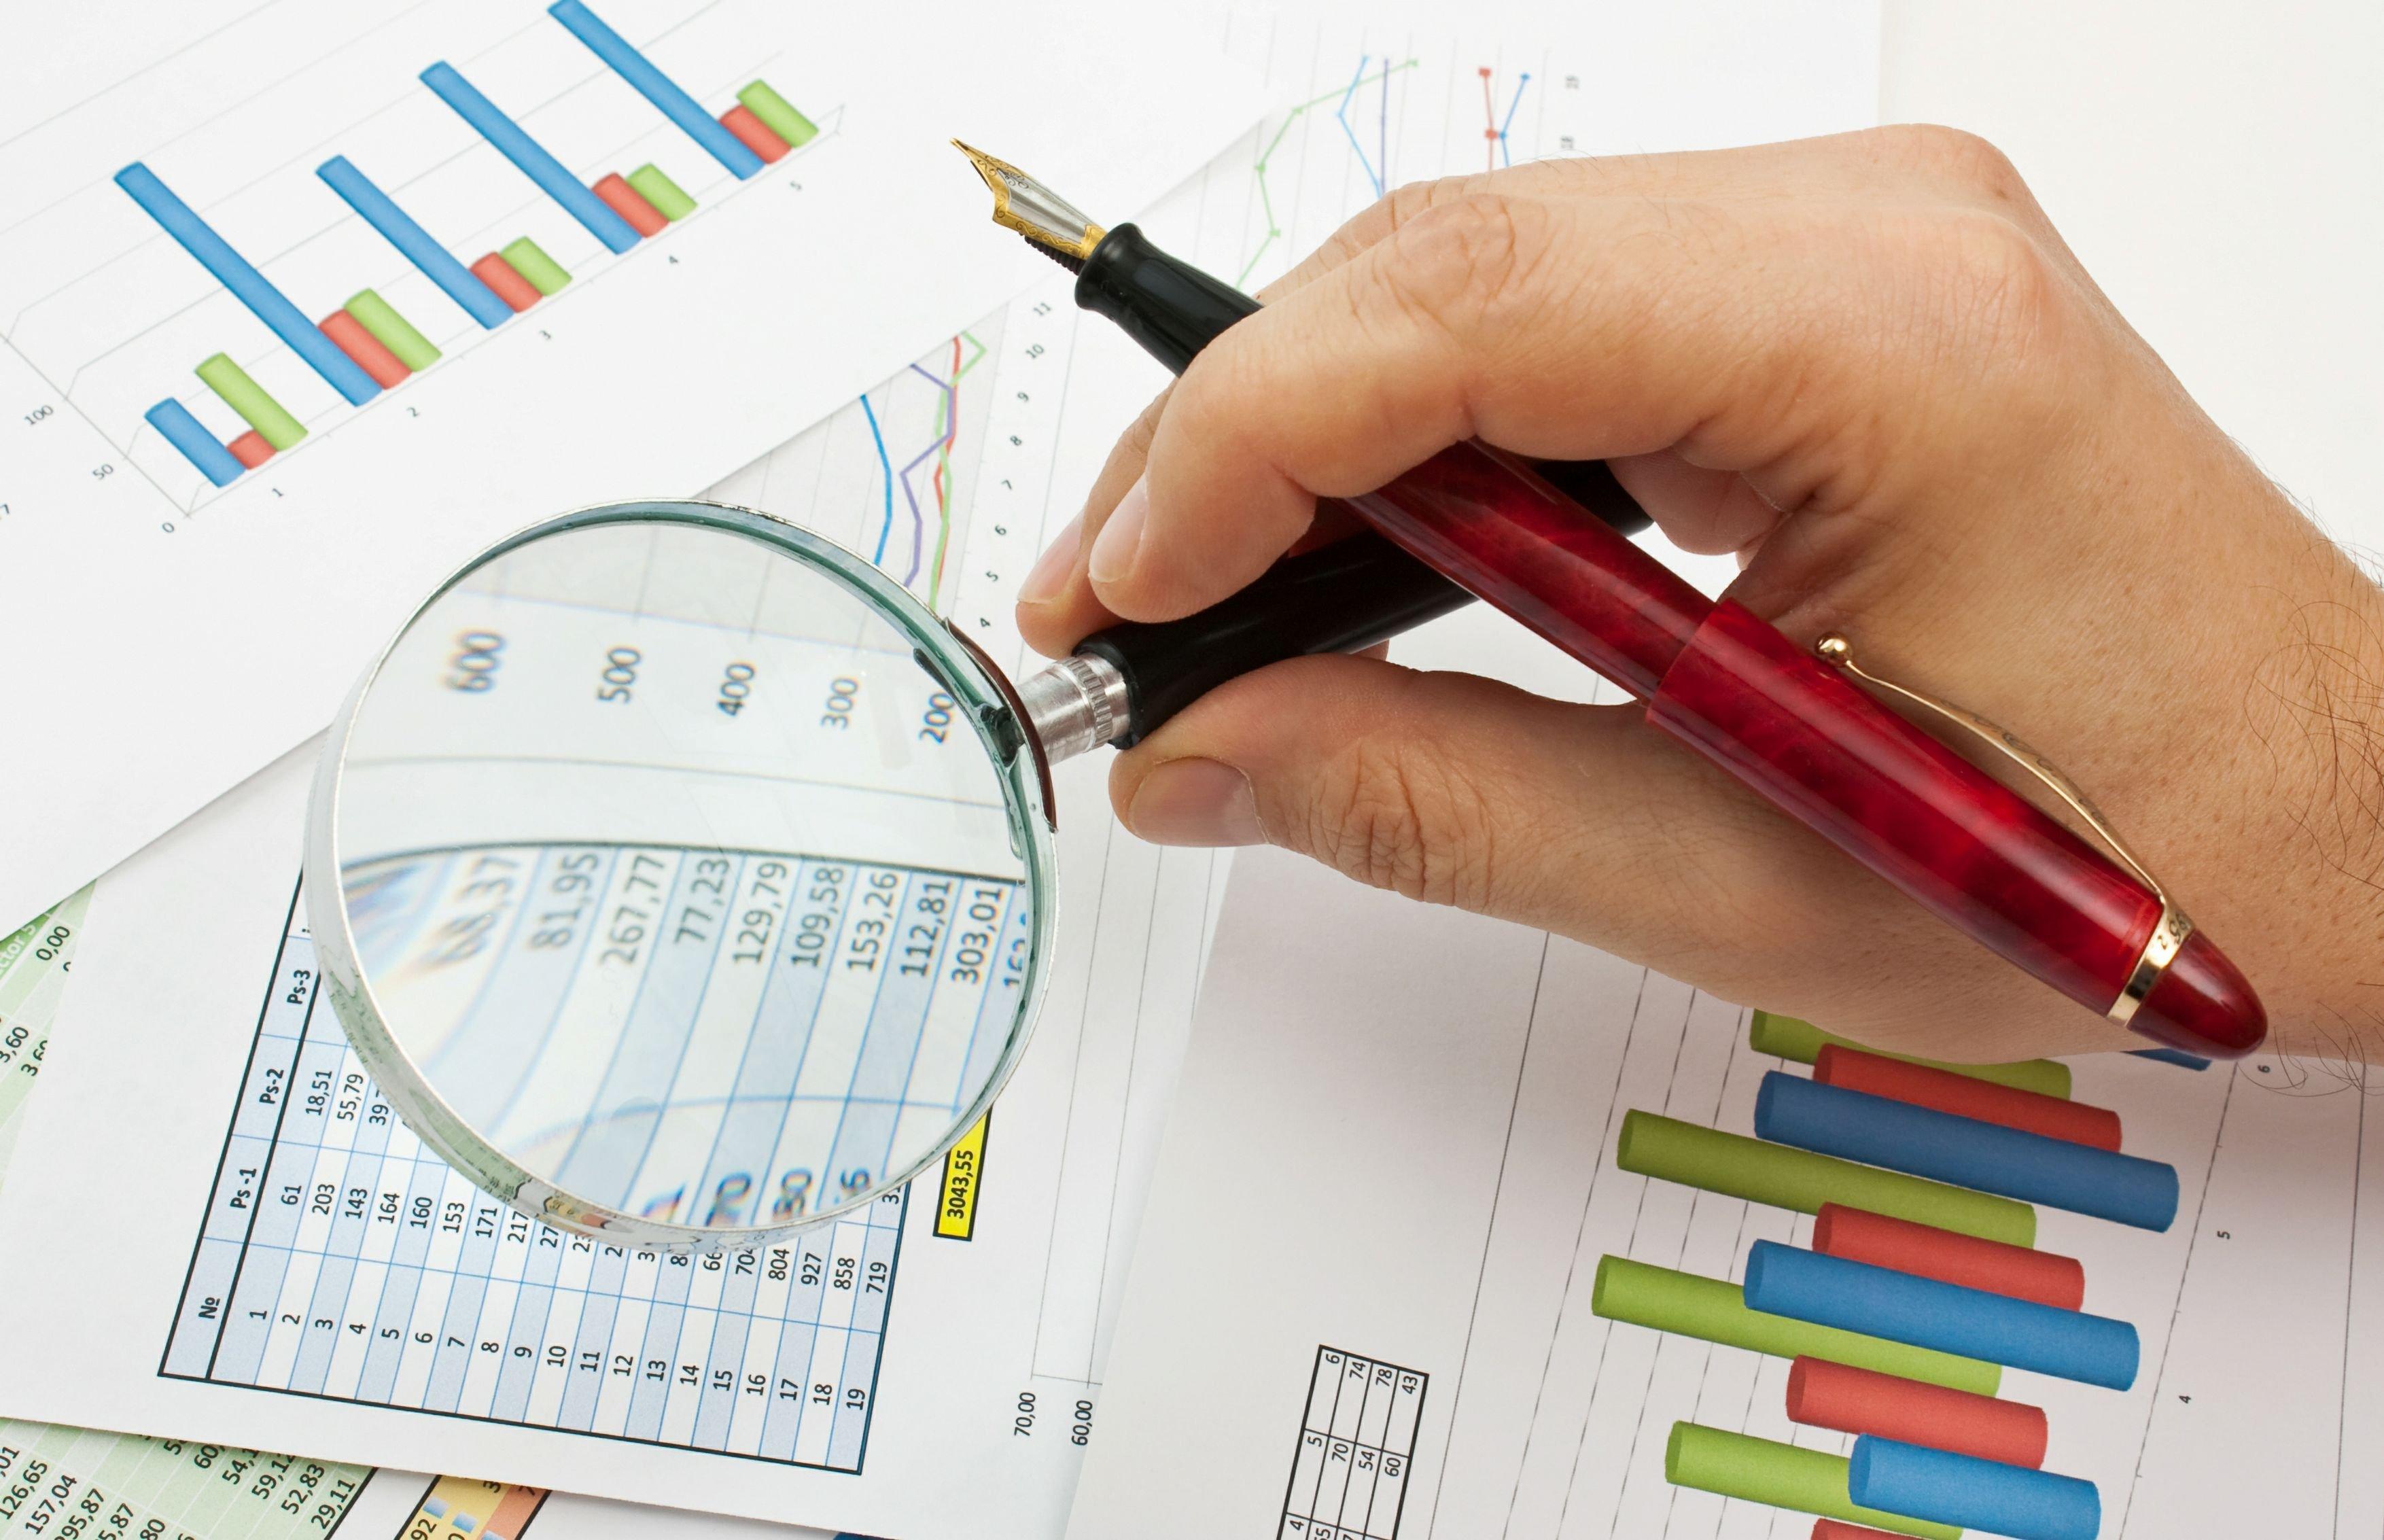 格隆汇港股聚焦(7.15)︱创维集团拟将酷开网络单独上市  康希诺生物科创板IPO注册通过